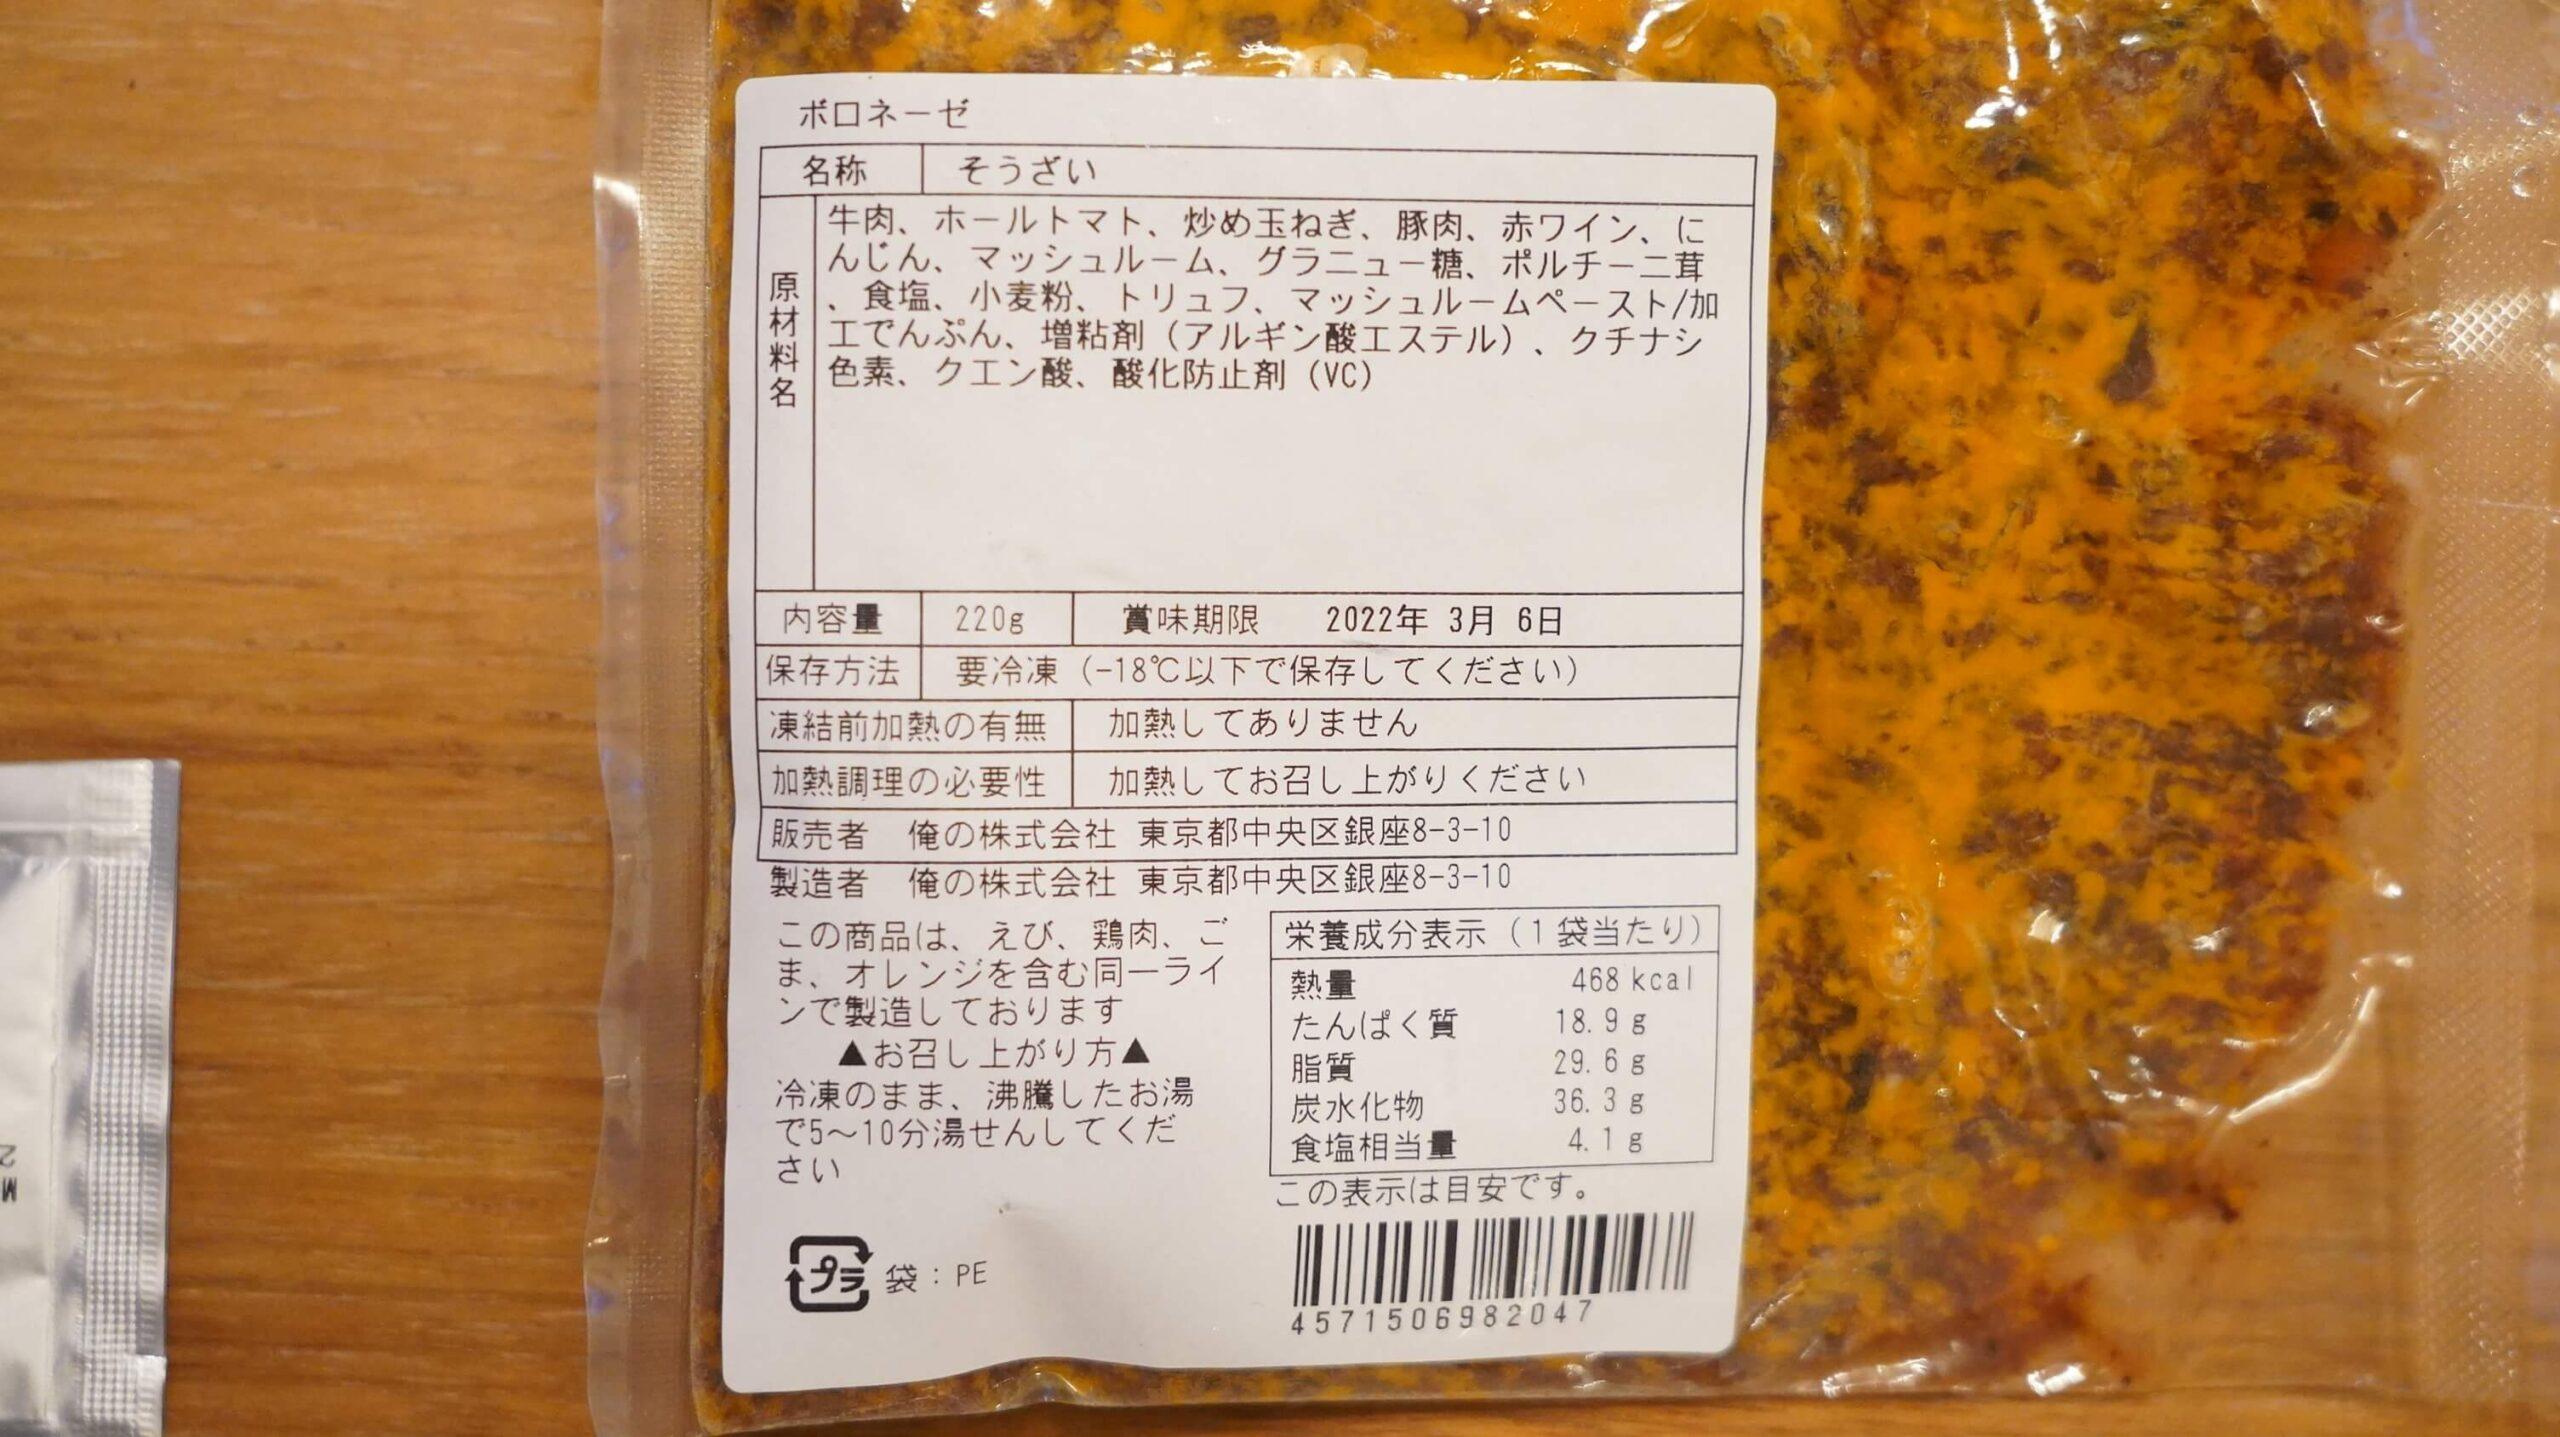 俺のイタリアンの冷凍食品「トリュフ薫るボロネーゼ」のソースのパッケージ裏面の写真